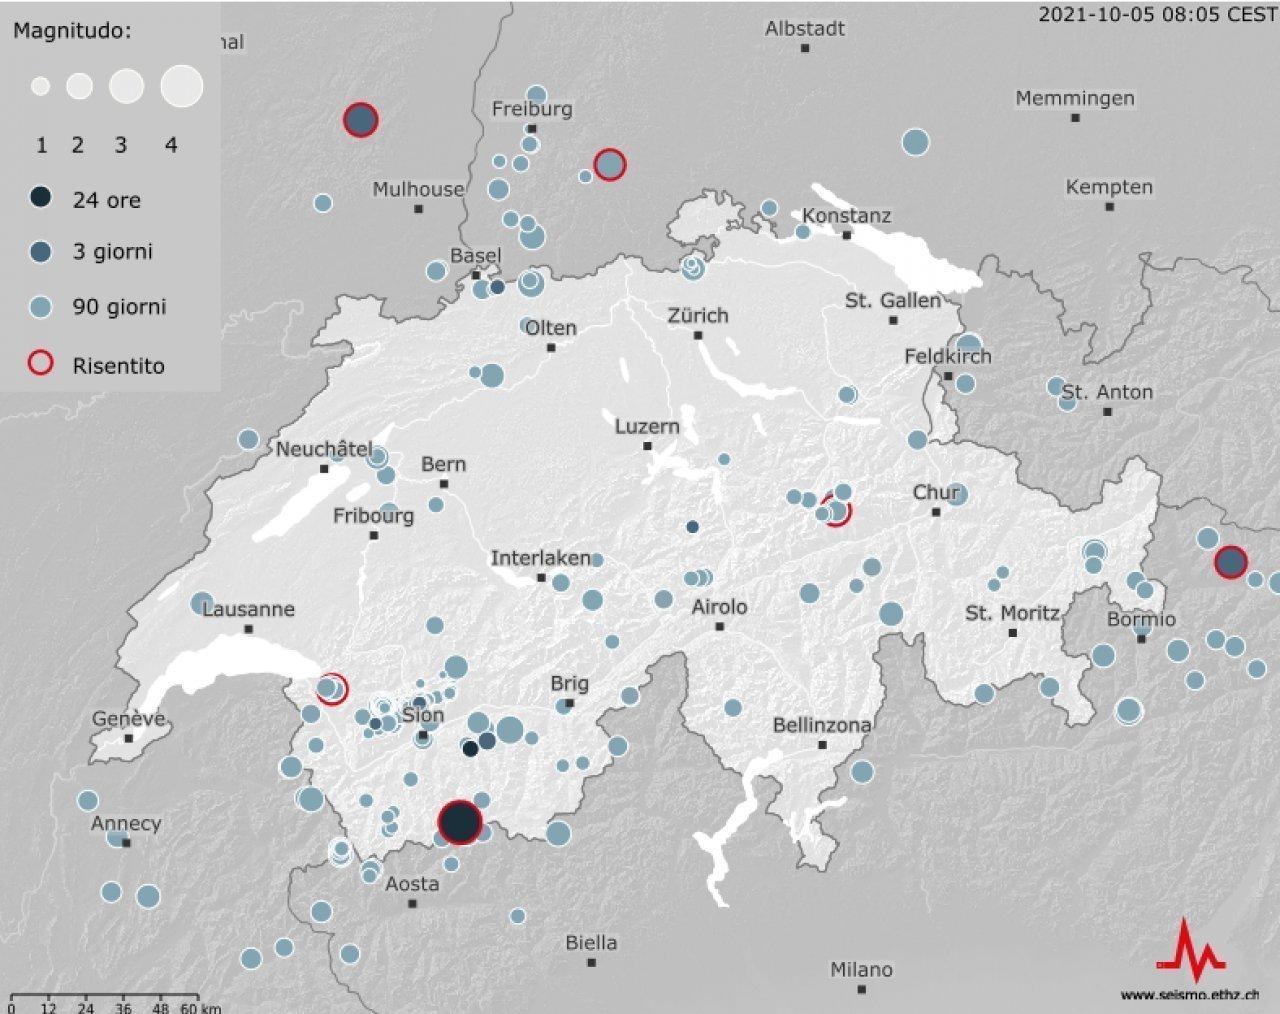 terremoto-nel-vallese,-nessun-danno-segnalato